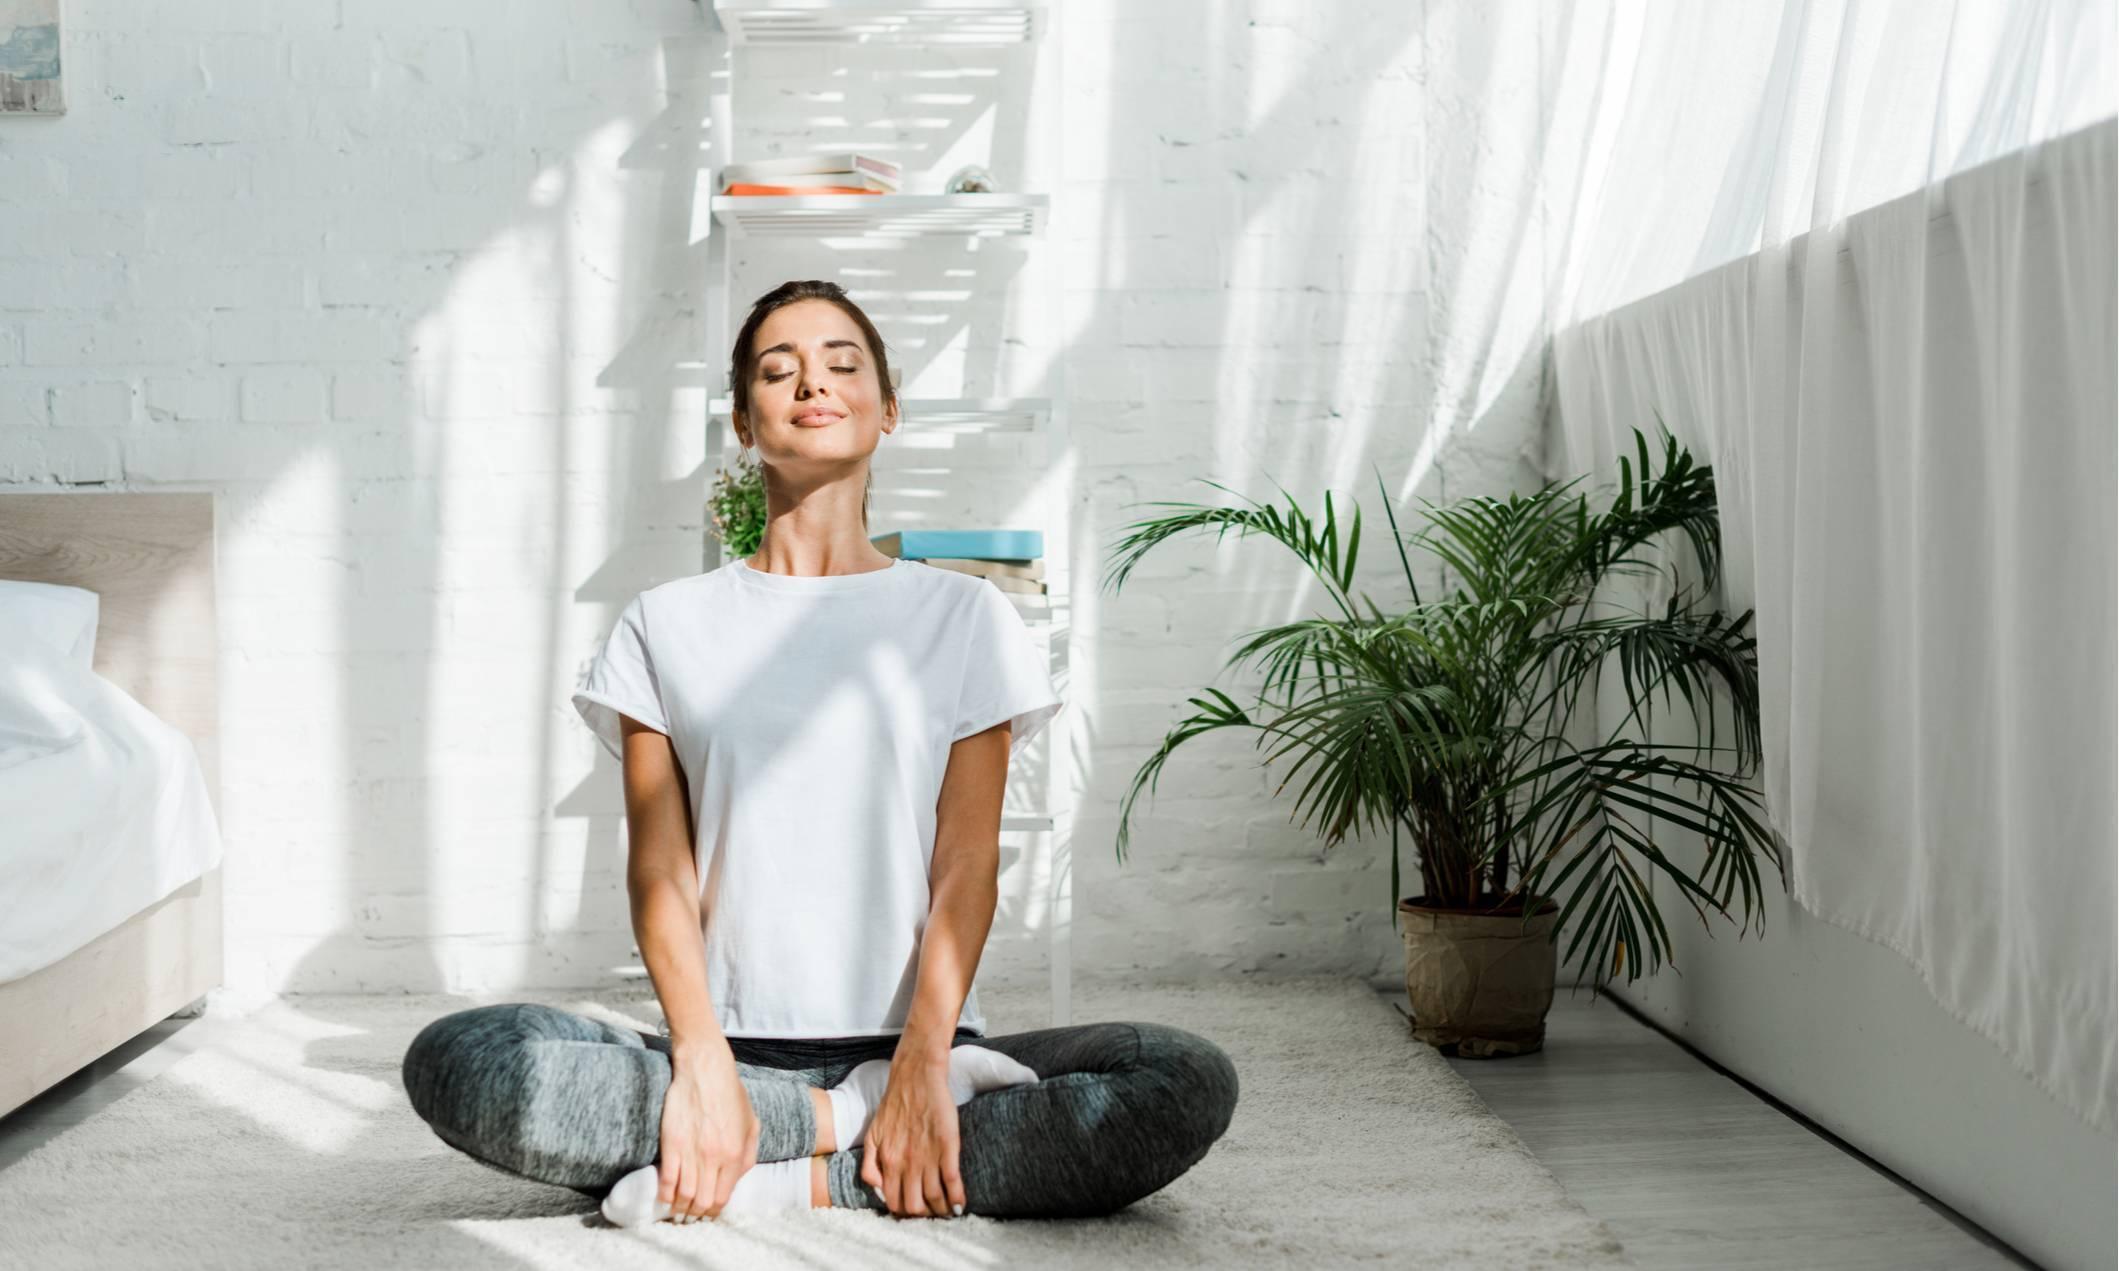 Методика релаксации: как максимально расслабить тело — блог викиум